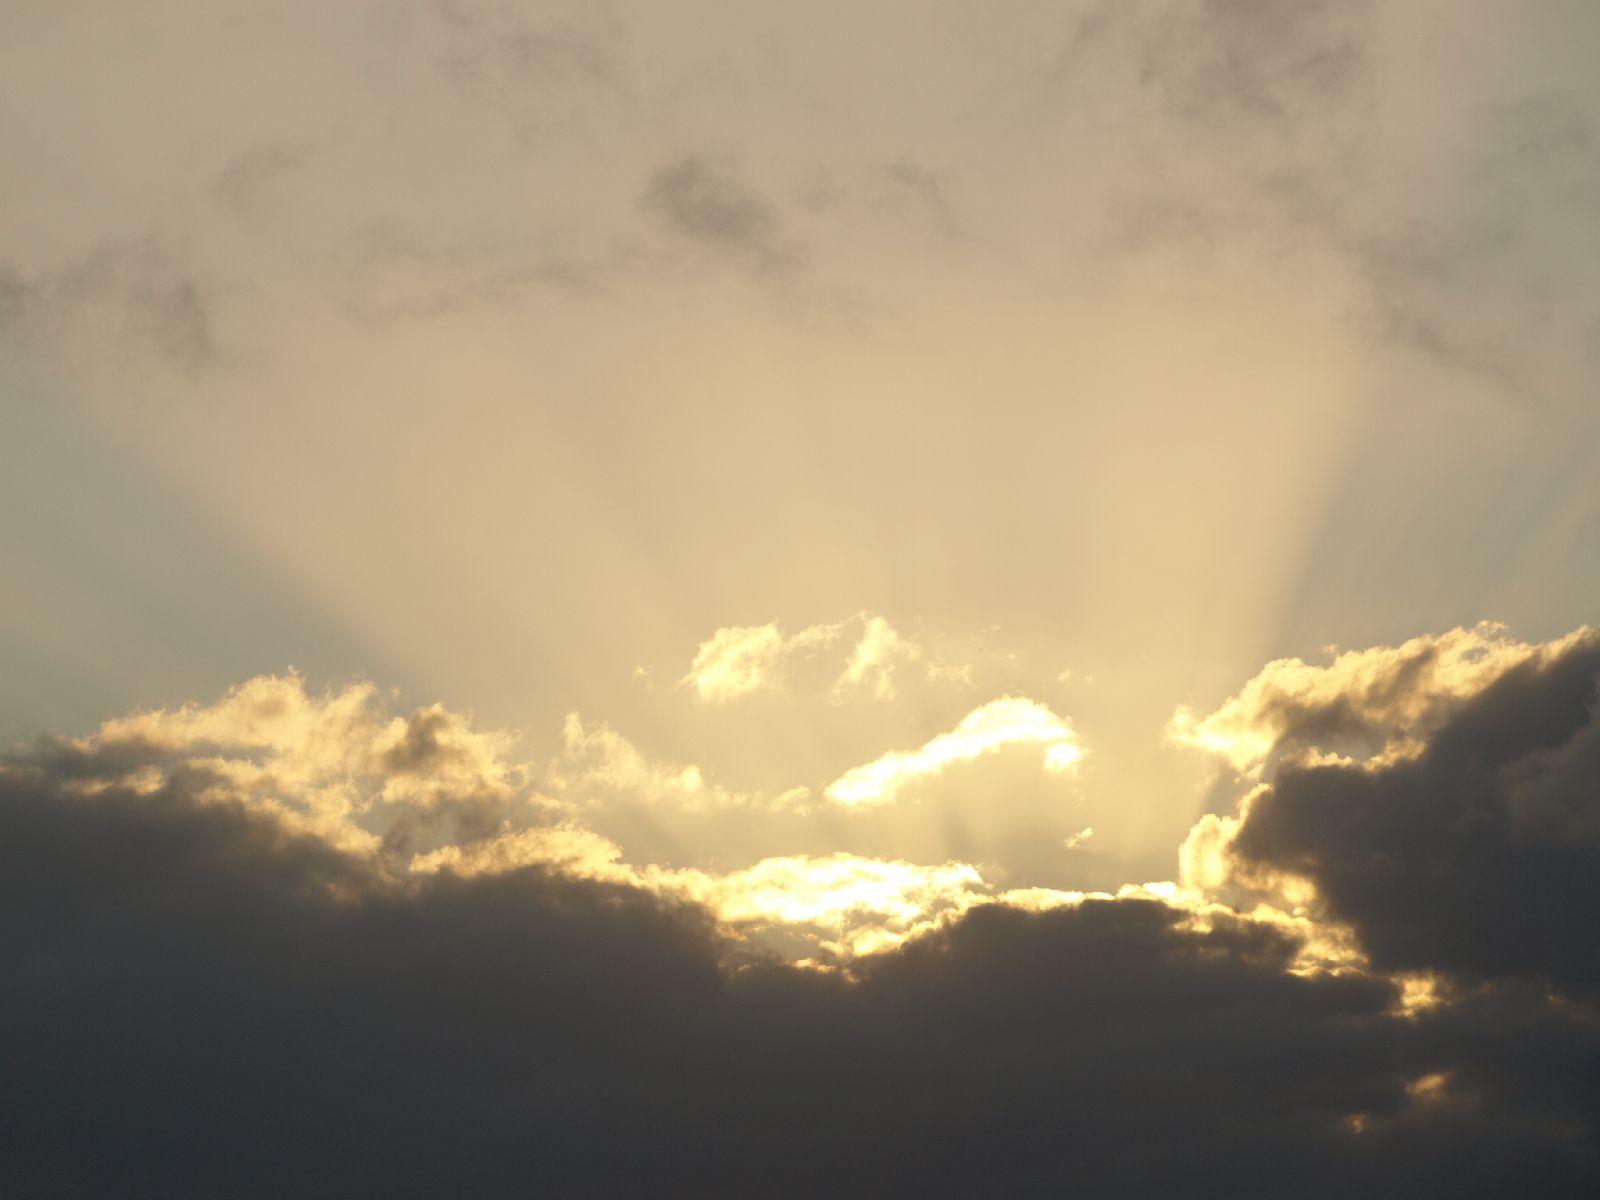 Himmel-Wolken-Foto_Textur_A_P5224459